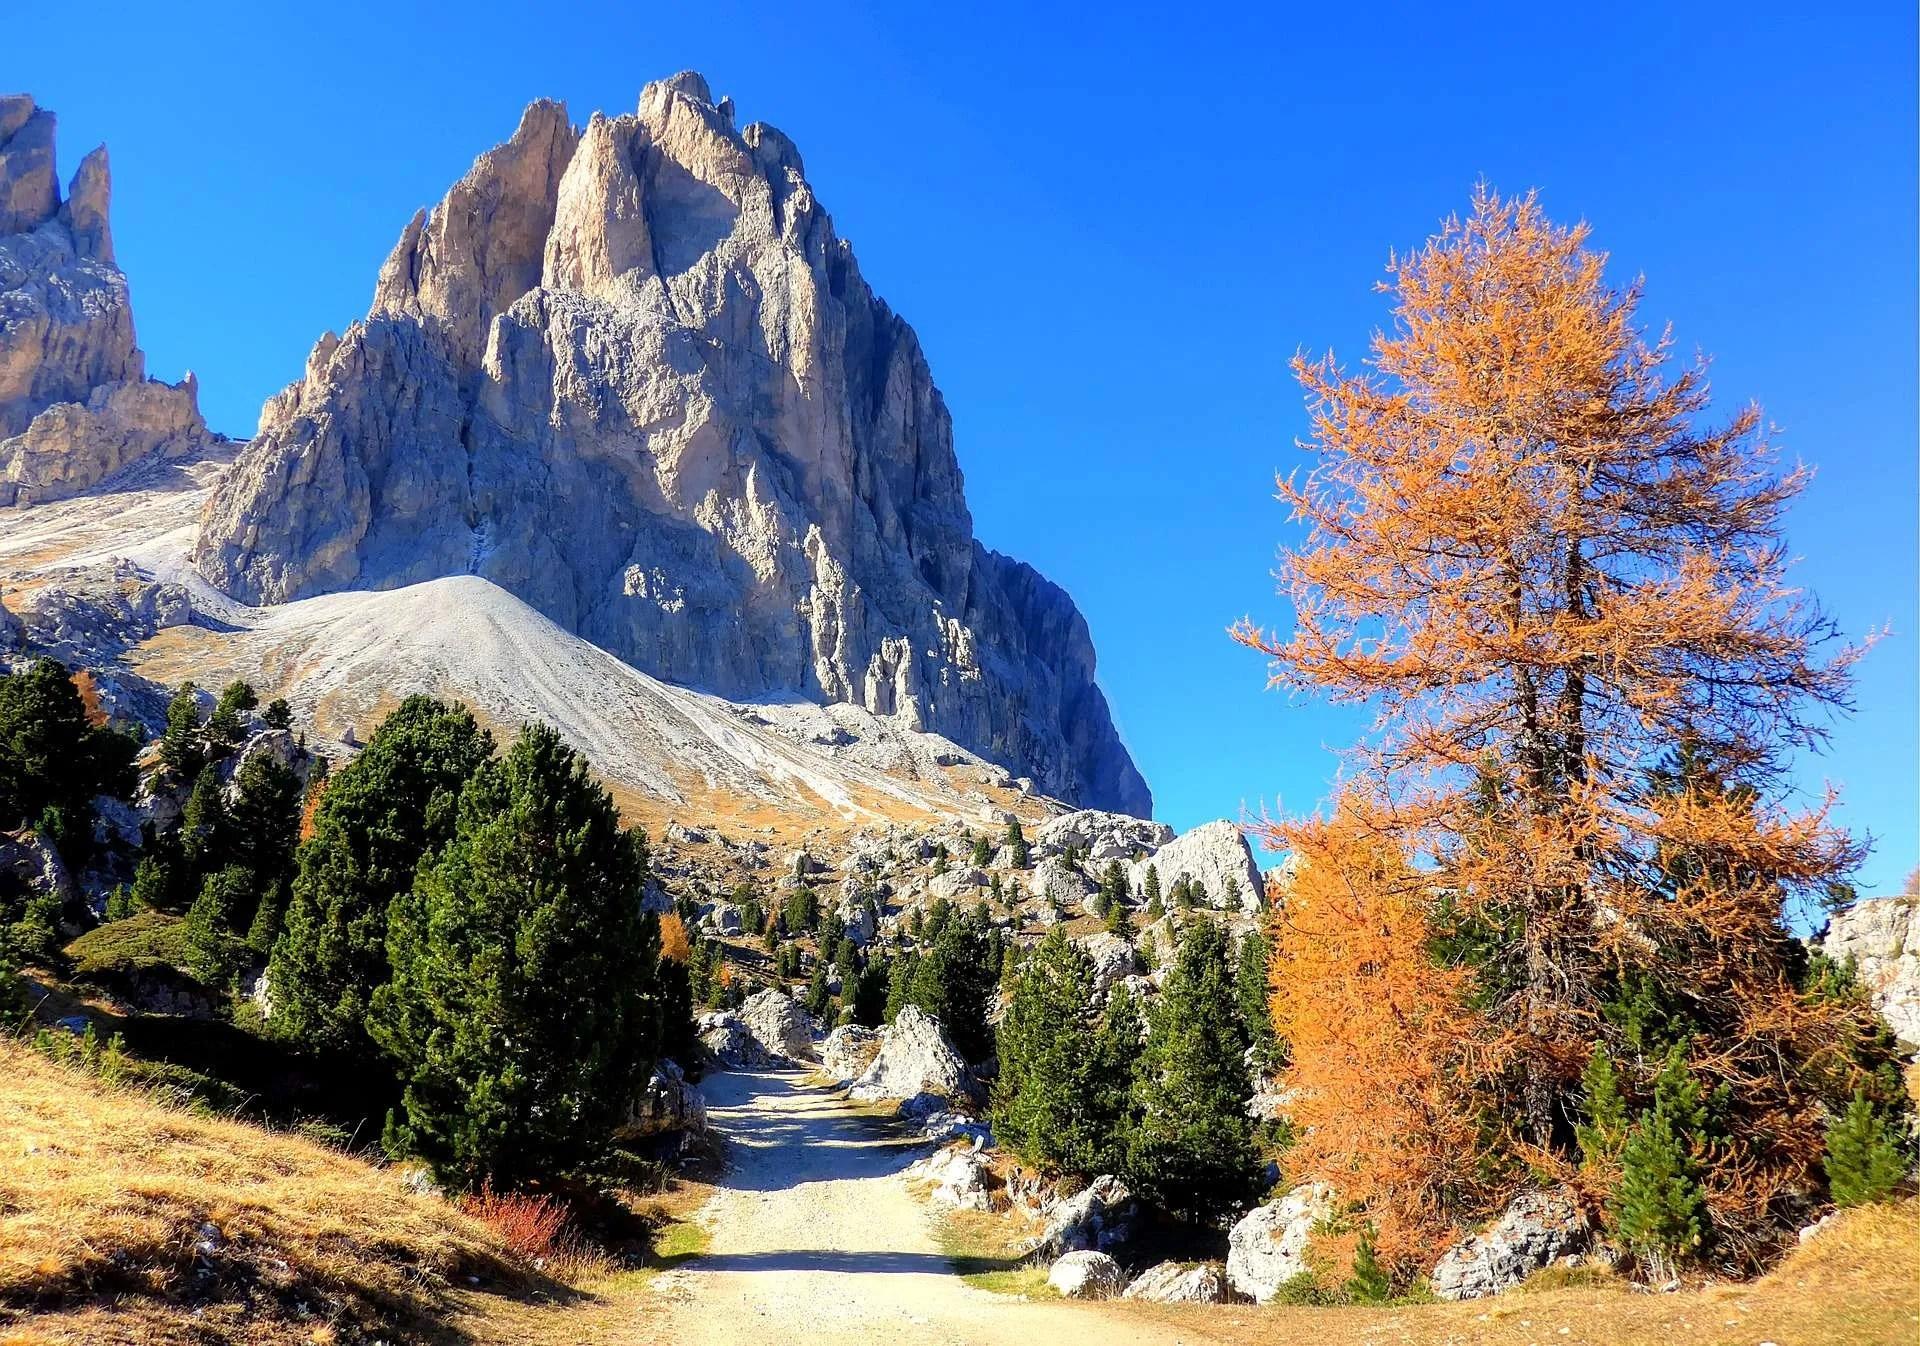 Escursioni in Val Gardena per chi ama camminare: il panoramico giro del Sassolungo